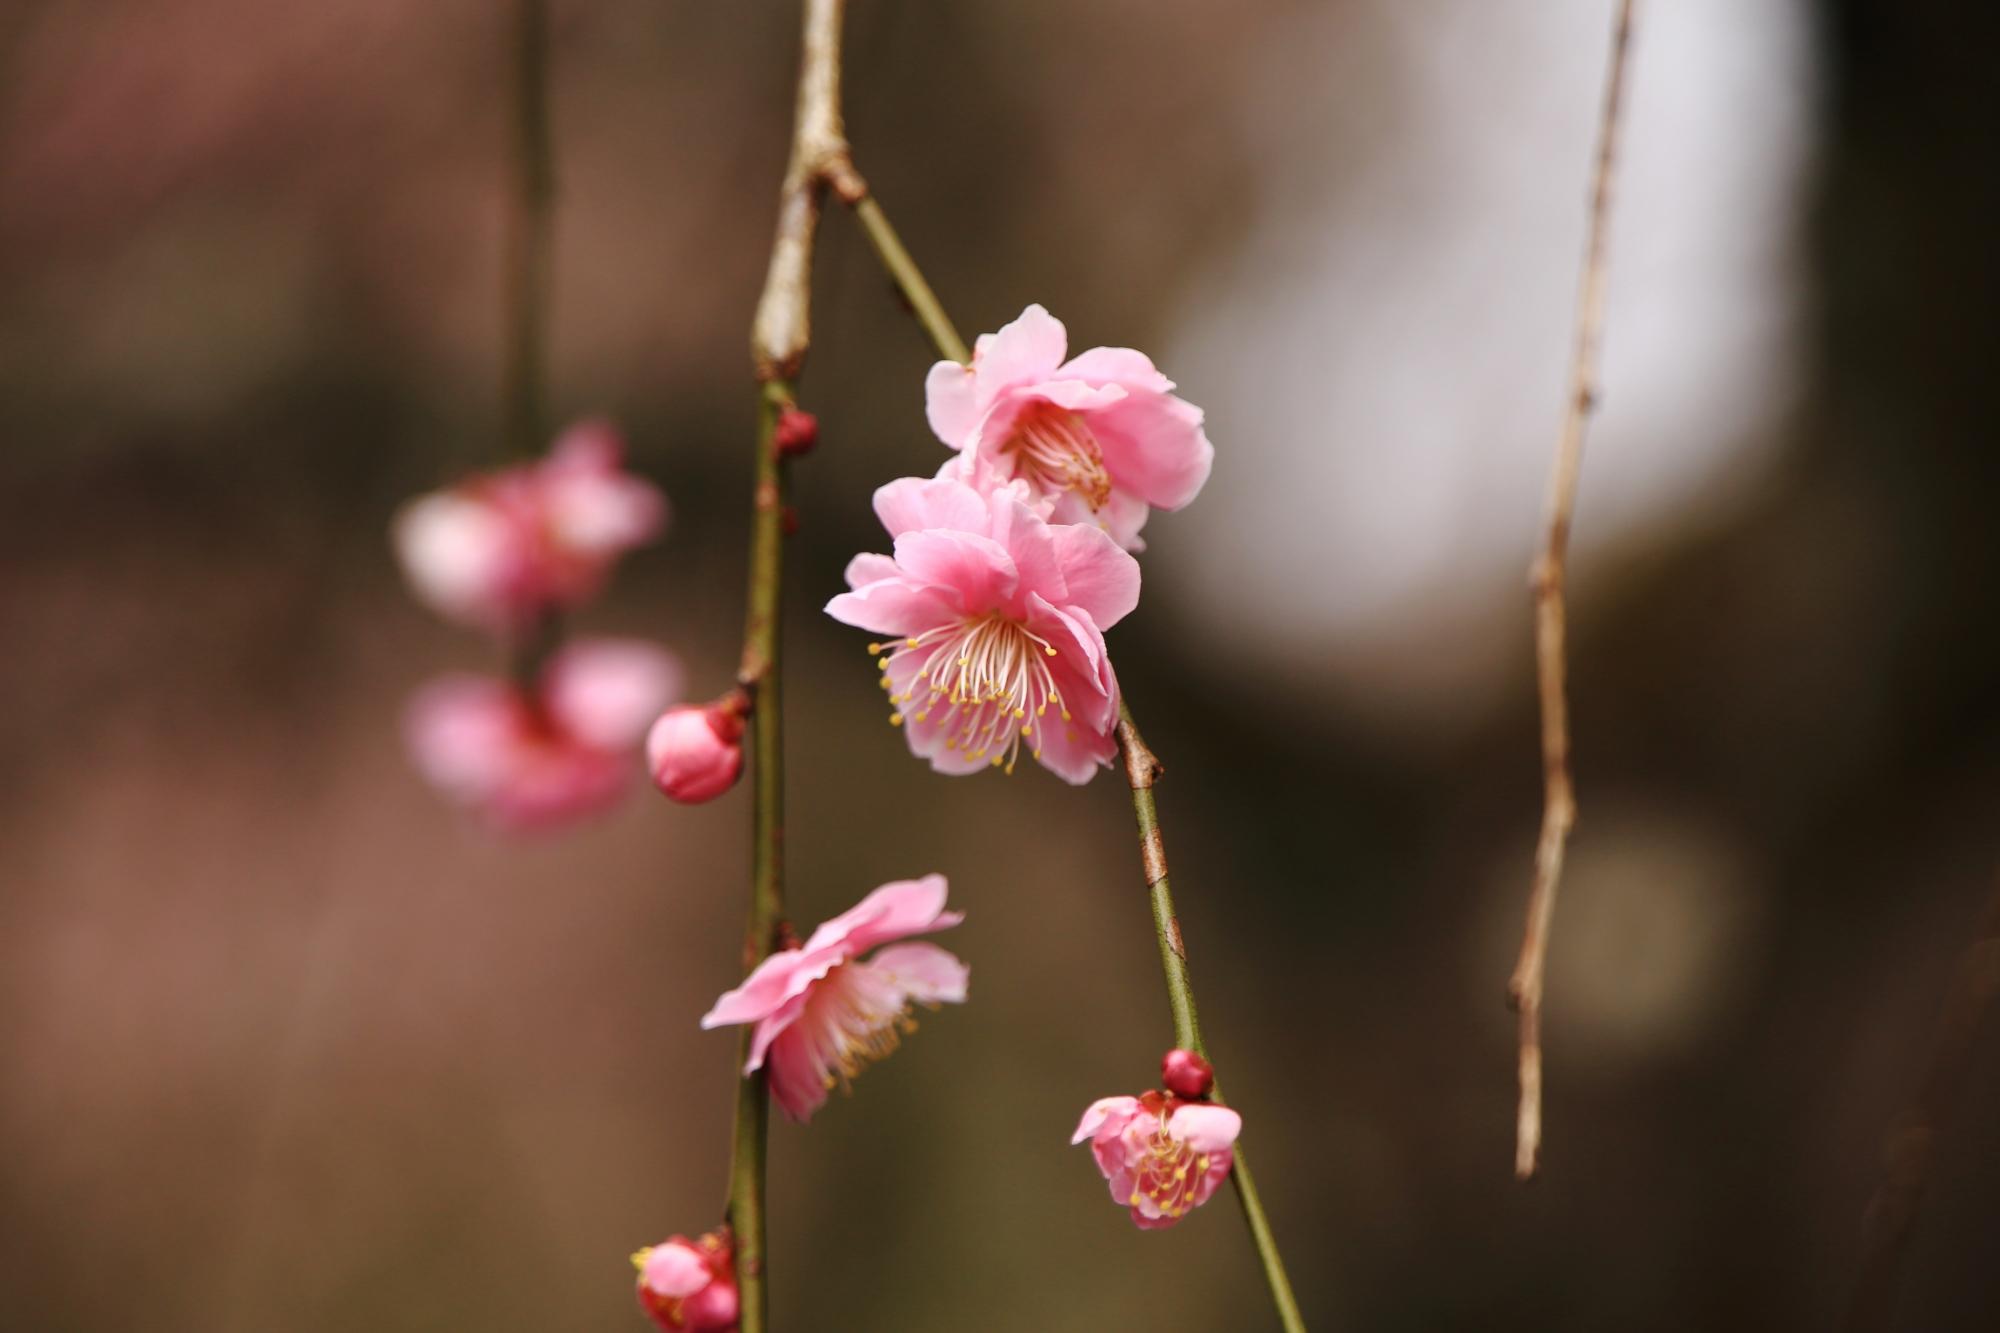 一輪一輪一生懸命に咲く梅の花